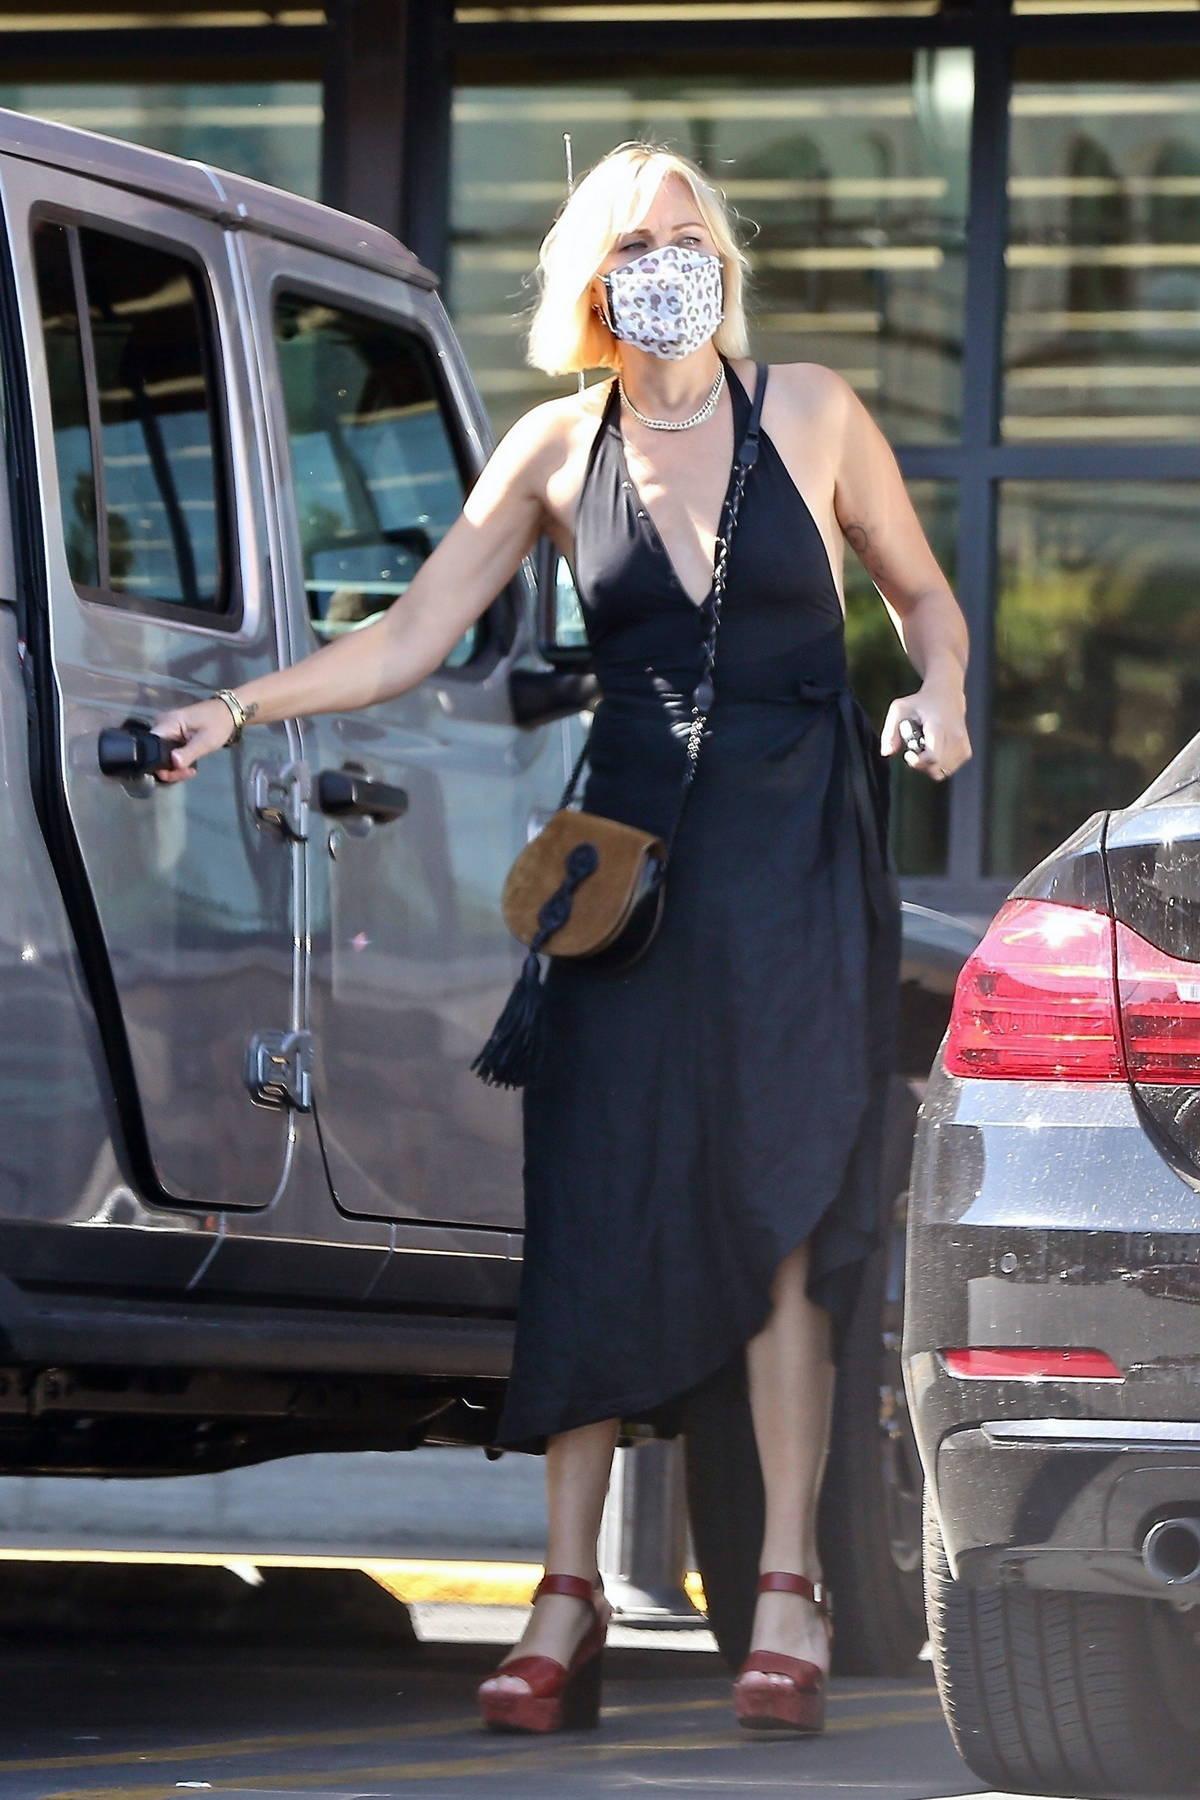 Malin Akerman looks great in a black dress as she goes grocery shopping in Los Feliz, California